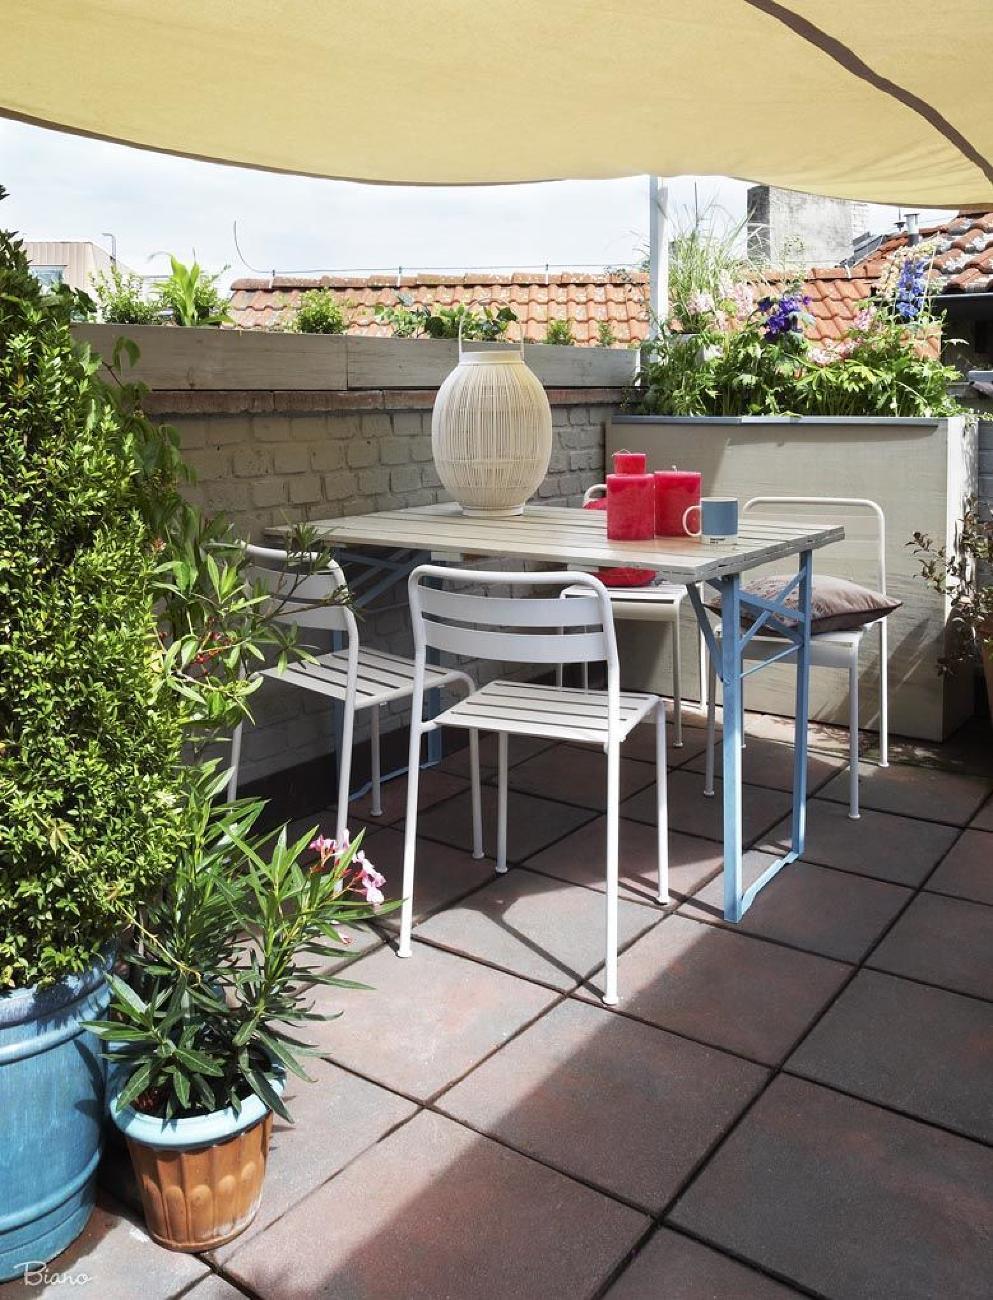 Jednoduchý záhradný nábytok skvelo plní svoju funkciu a tiež dobre vyzerá.